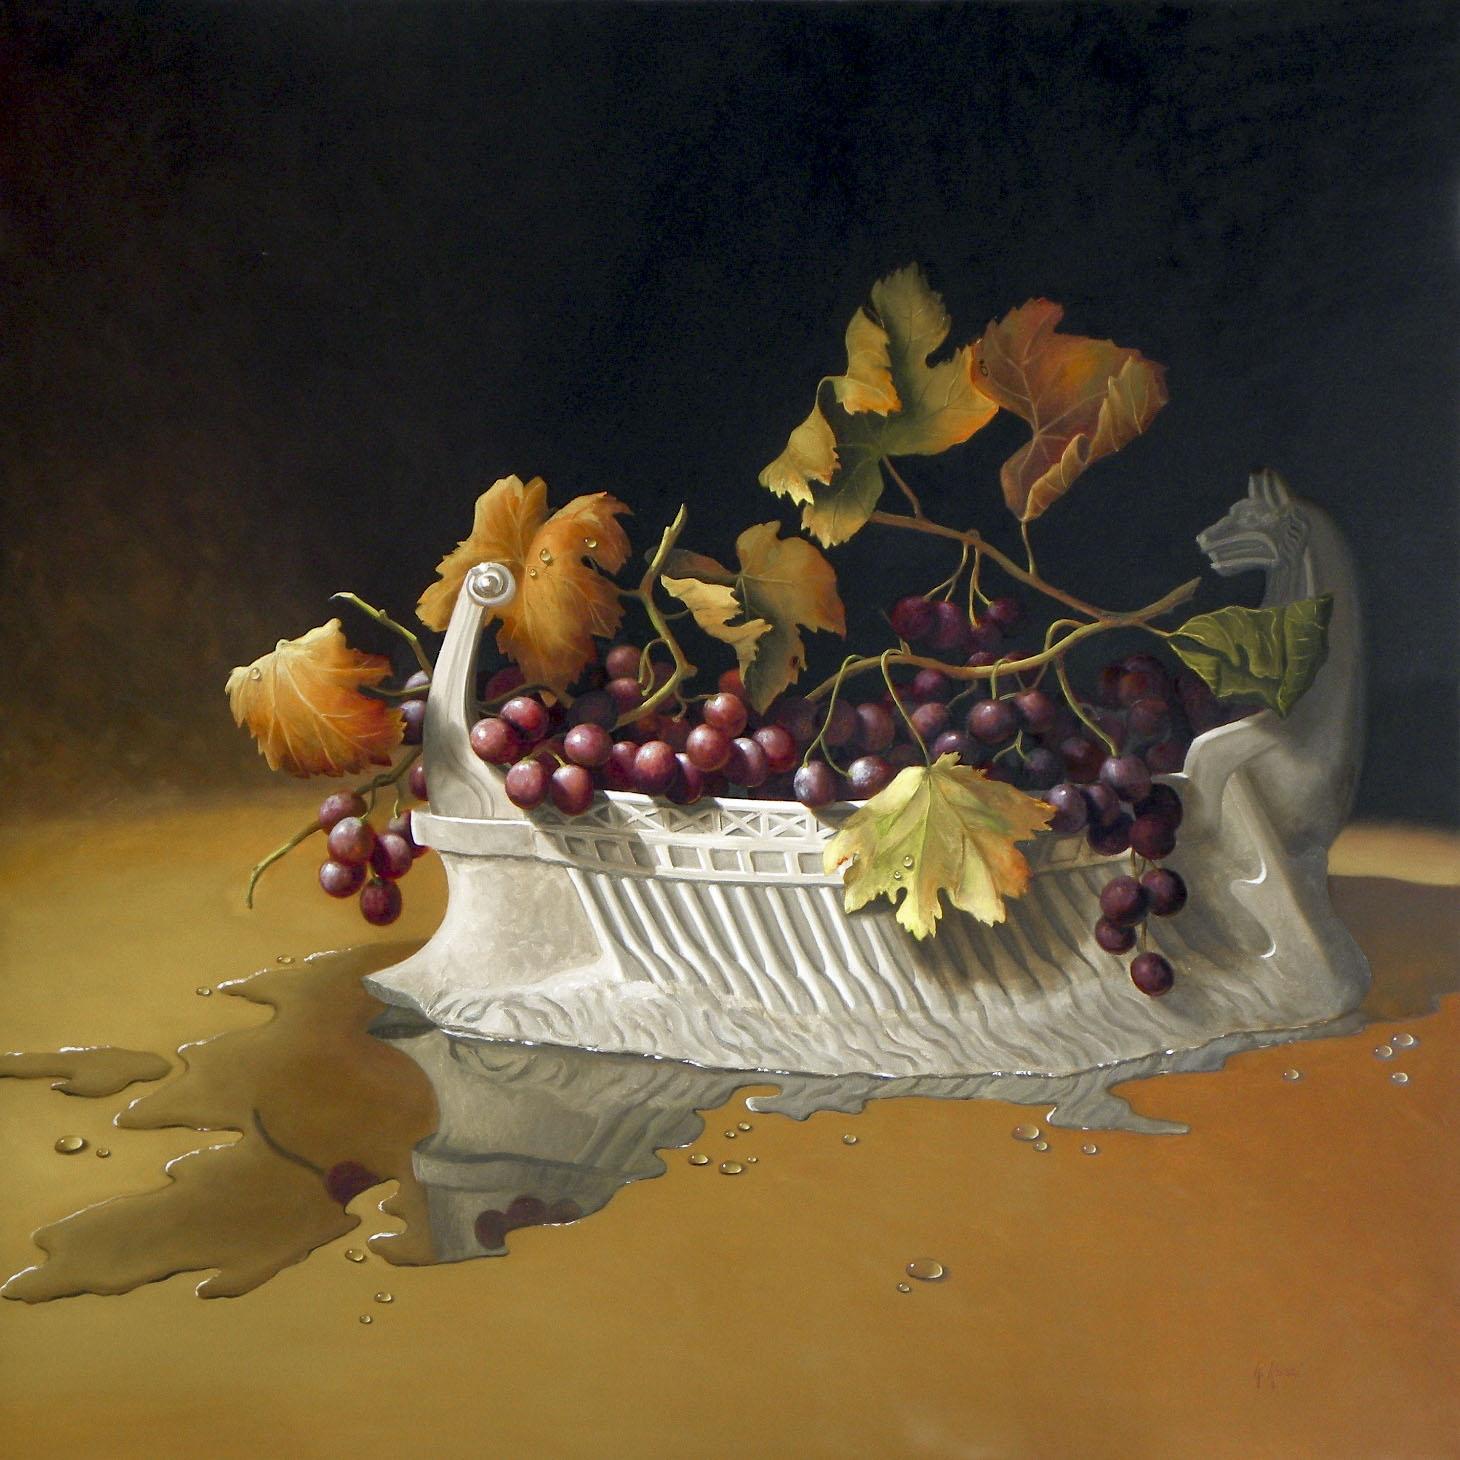 2010 roberta rossi - la nave di dioniso - olio su tela - 70 x 70